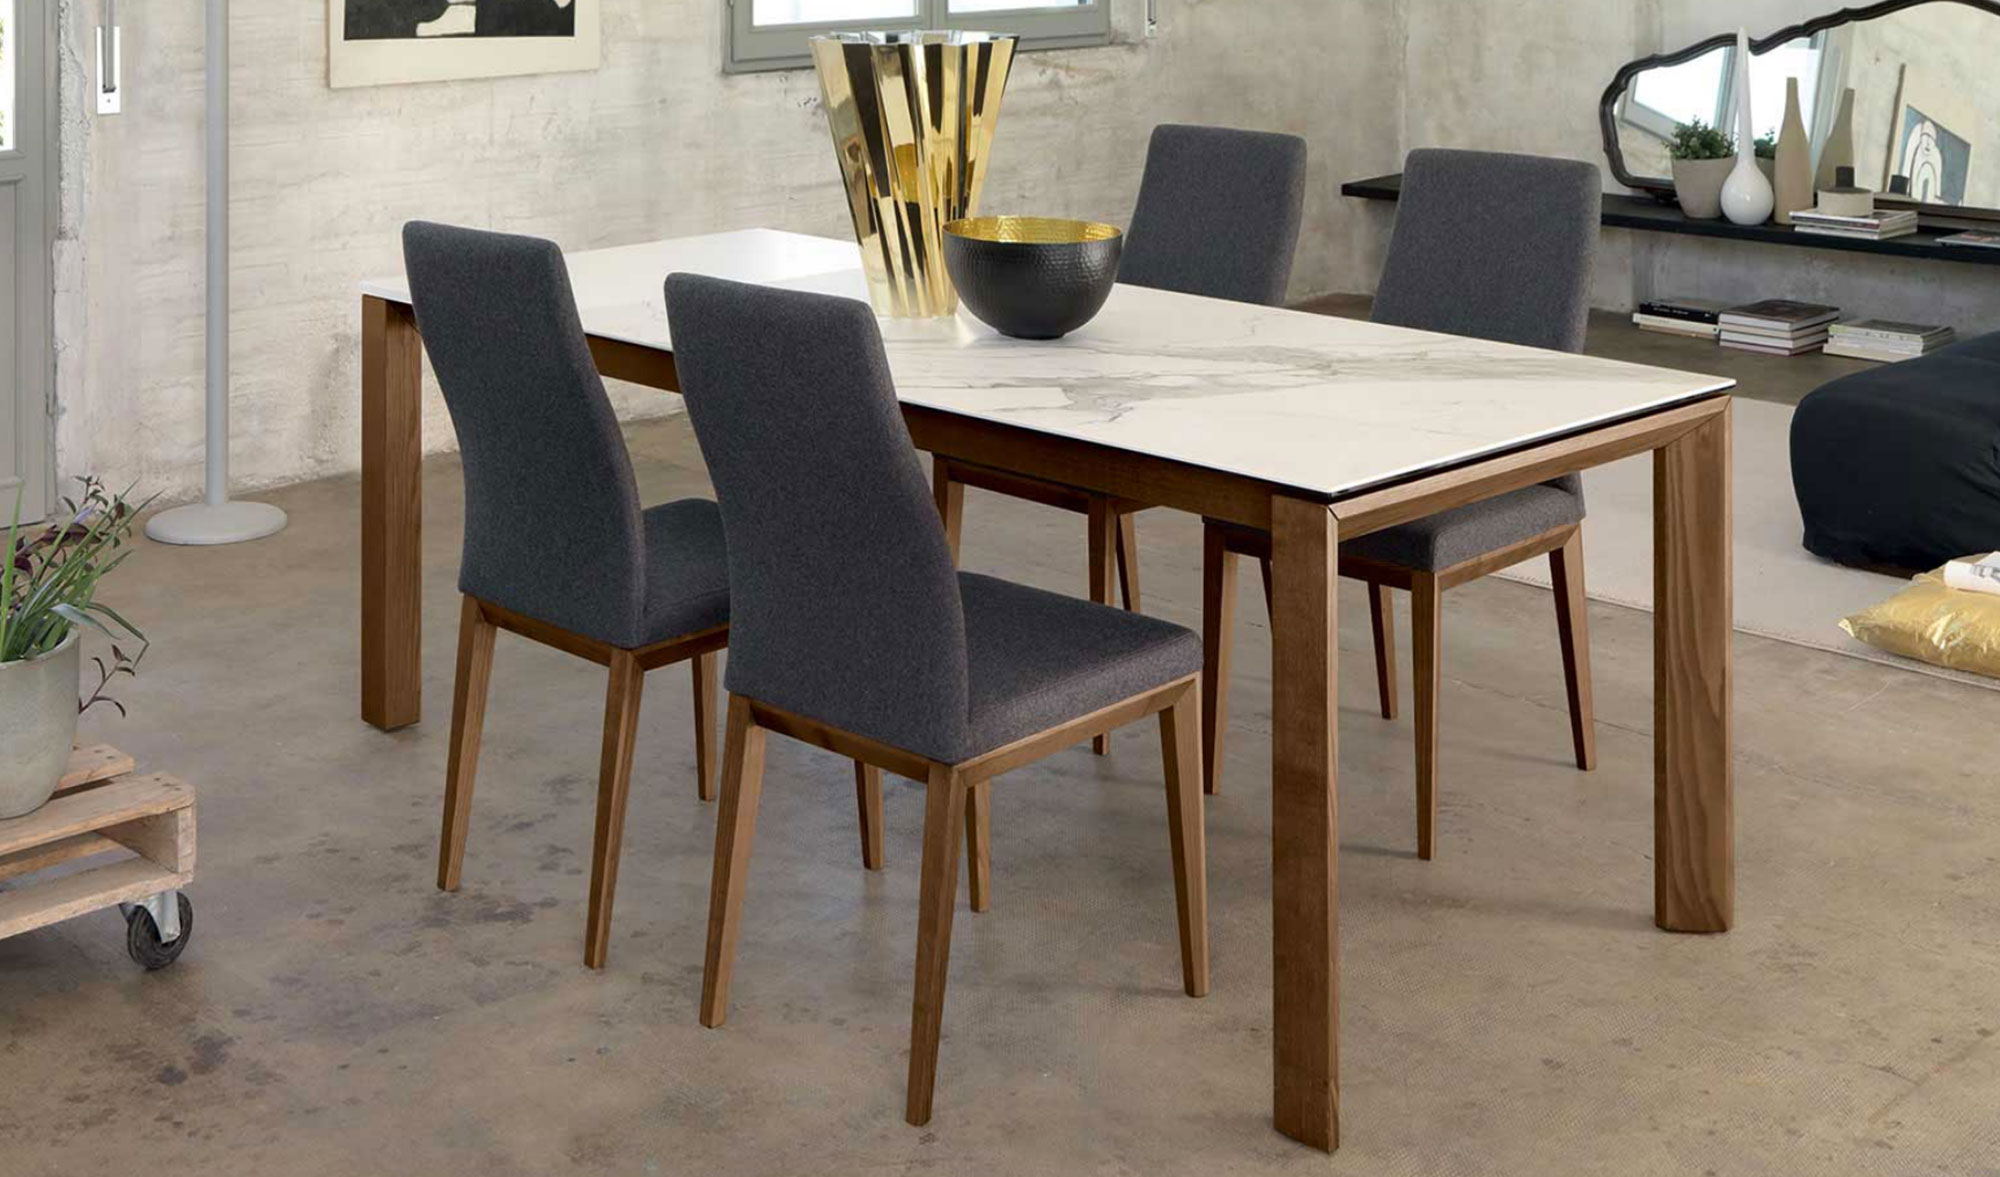 Complementi d 39 arredo friulsedie arredo spazio casa for Complementi d arredo design